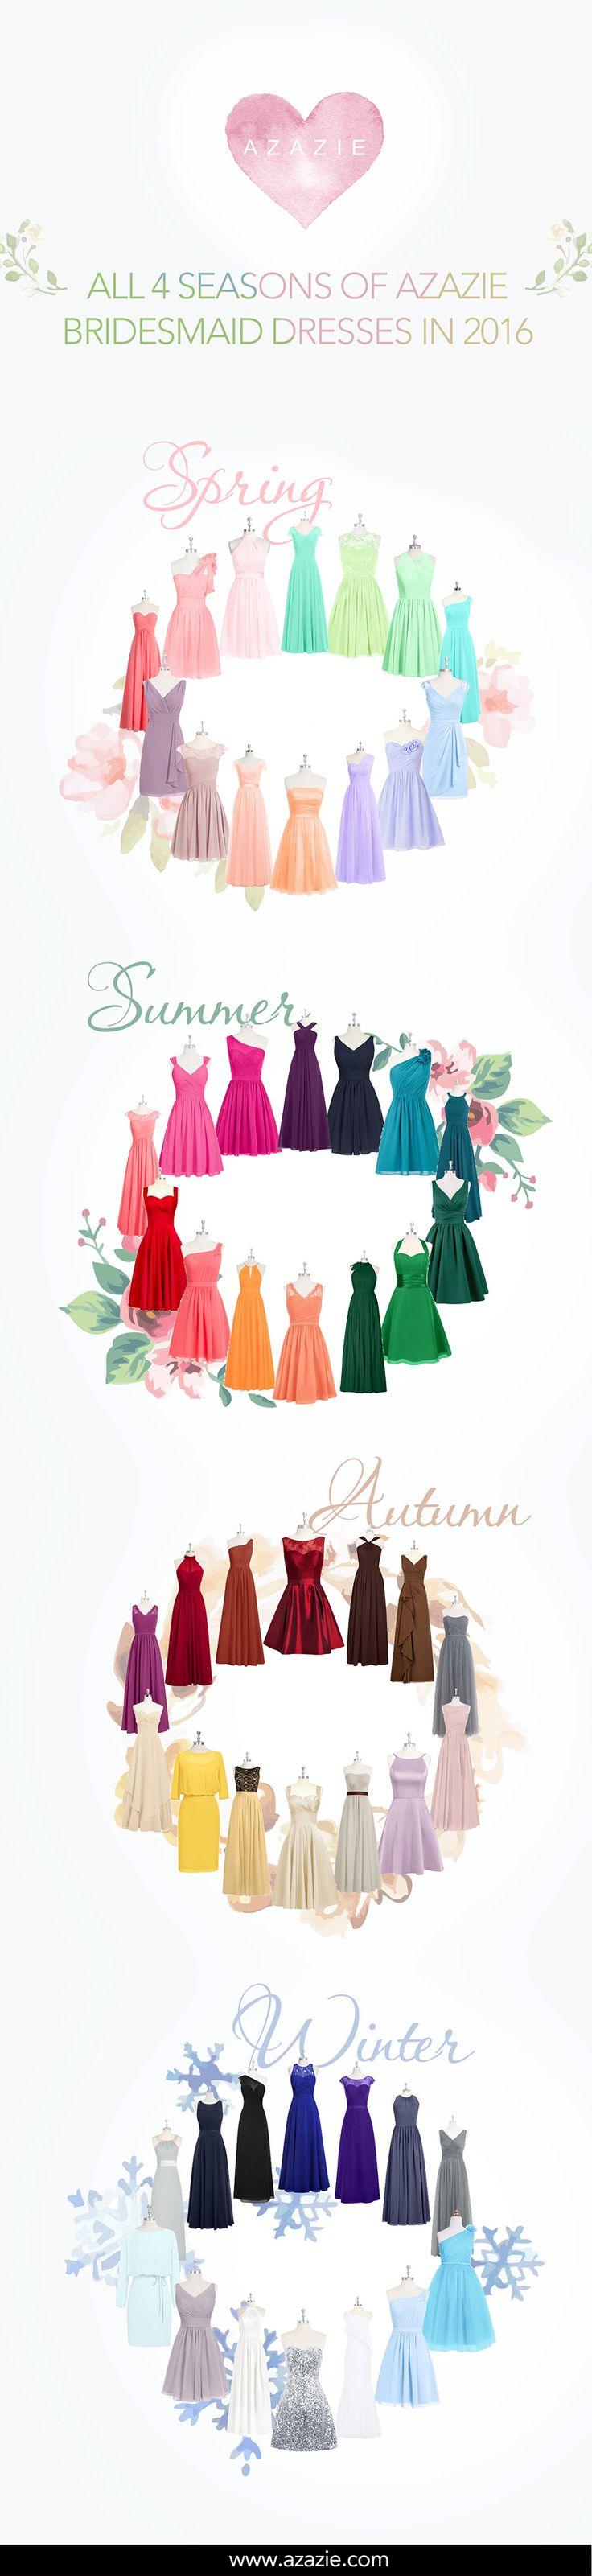 Vestidos para damas de boda de acuerdo con el color de temporada de la ceremonia